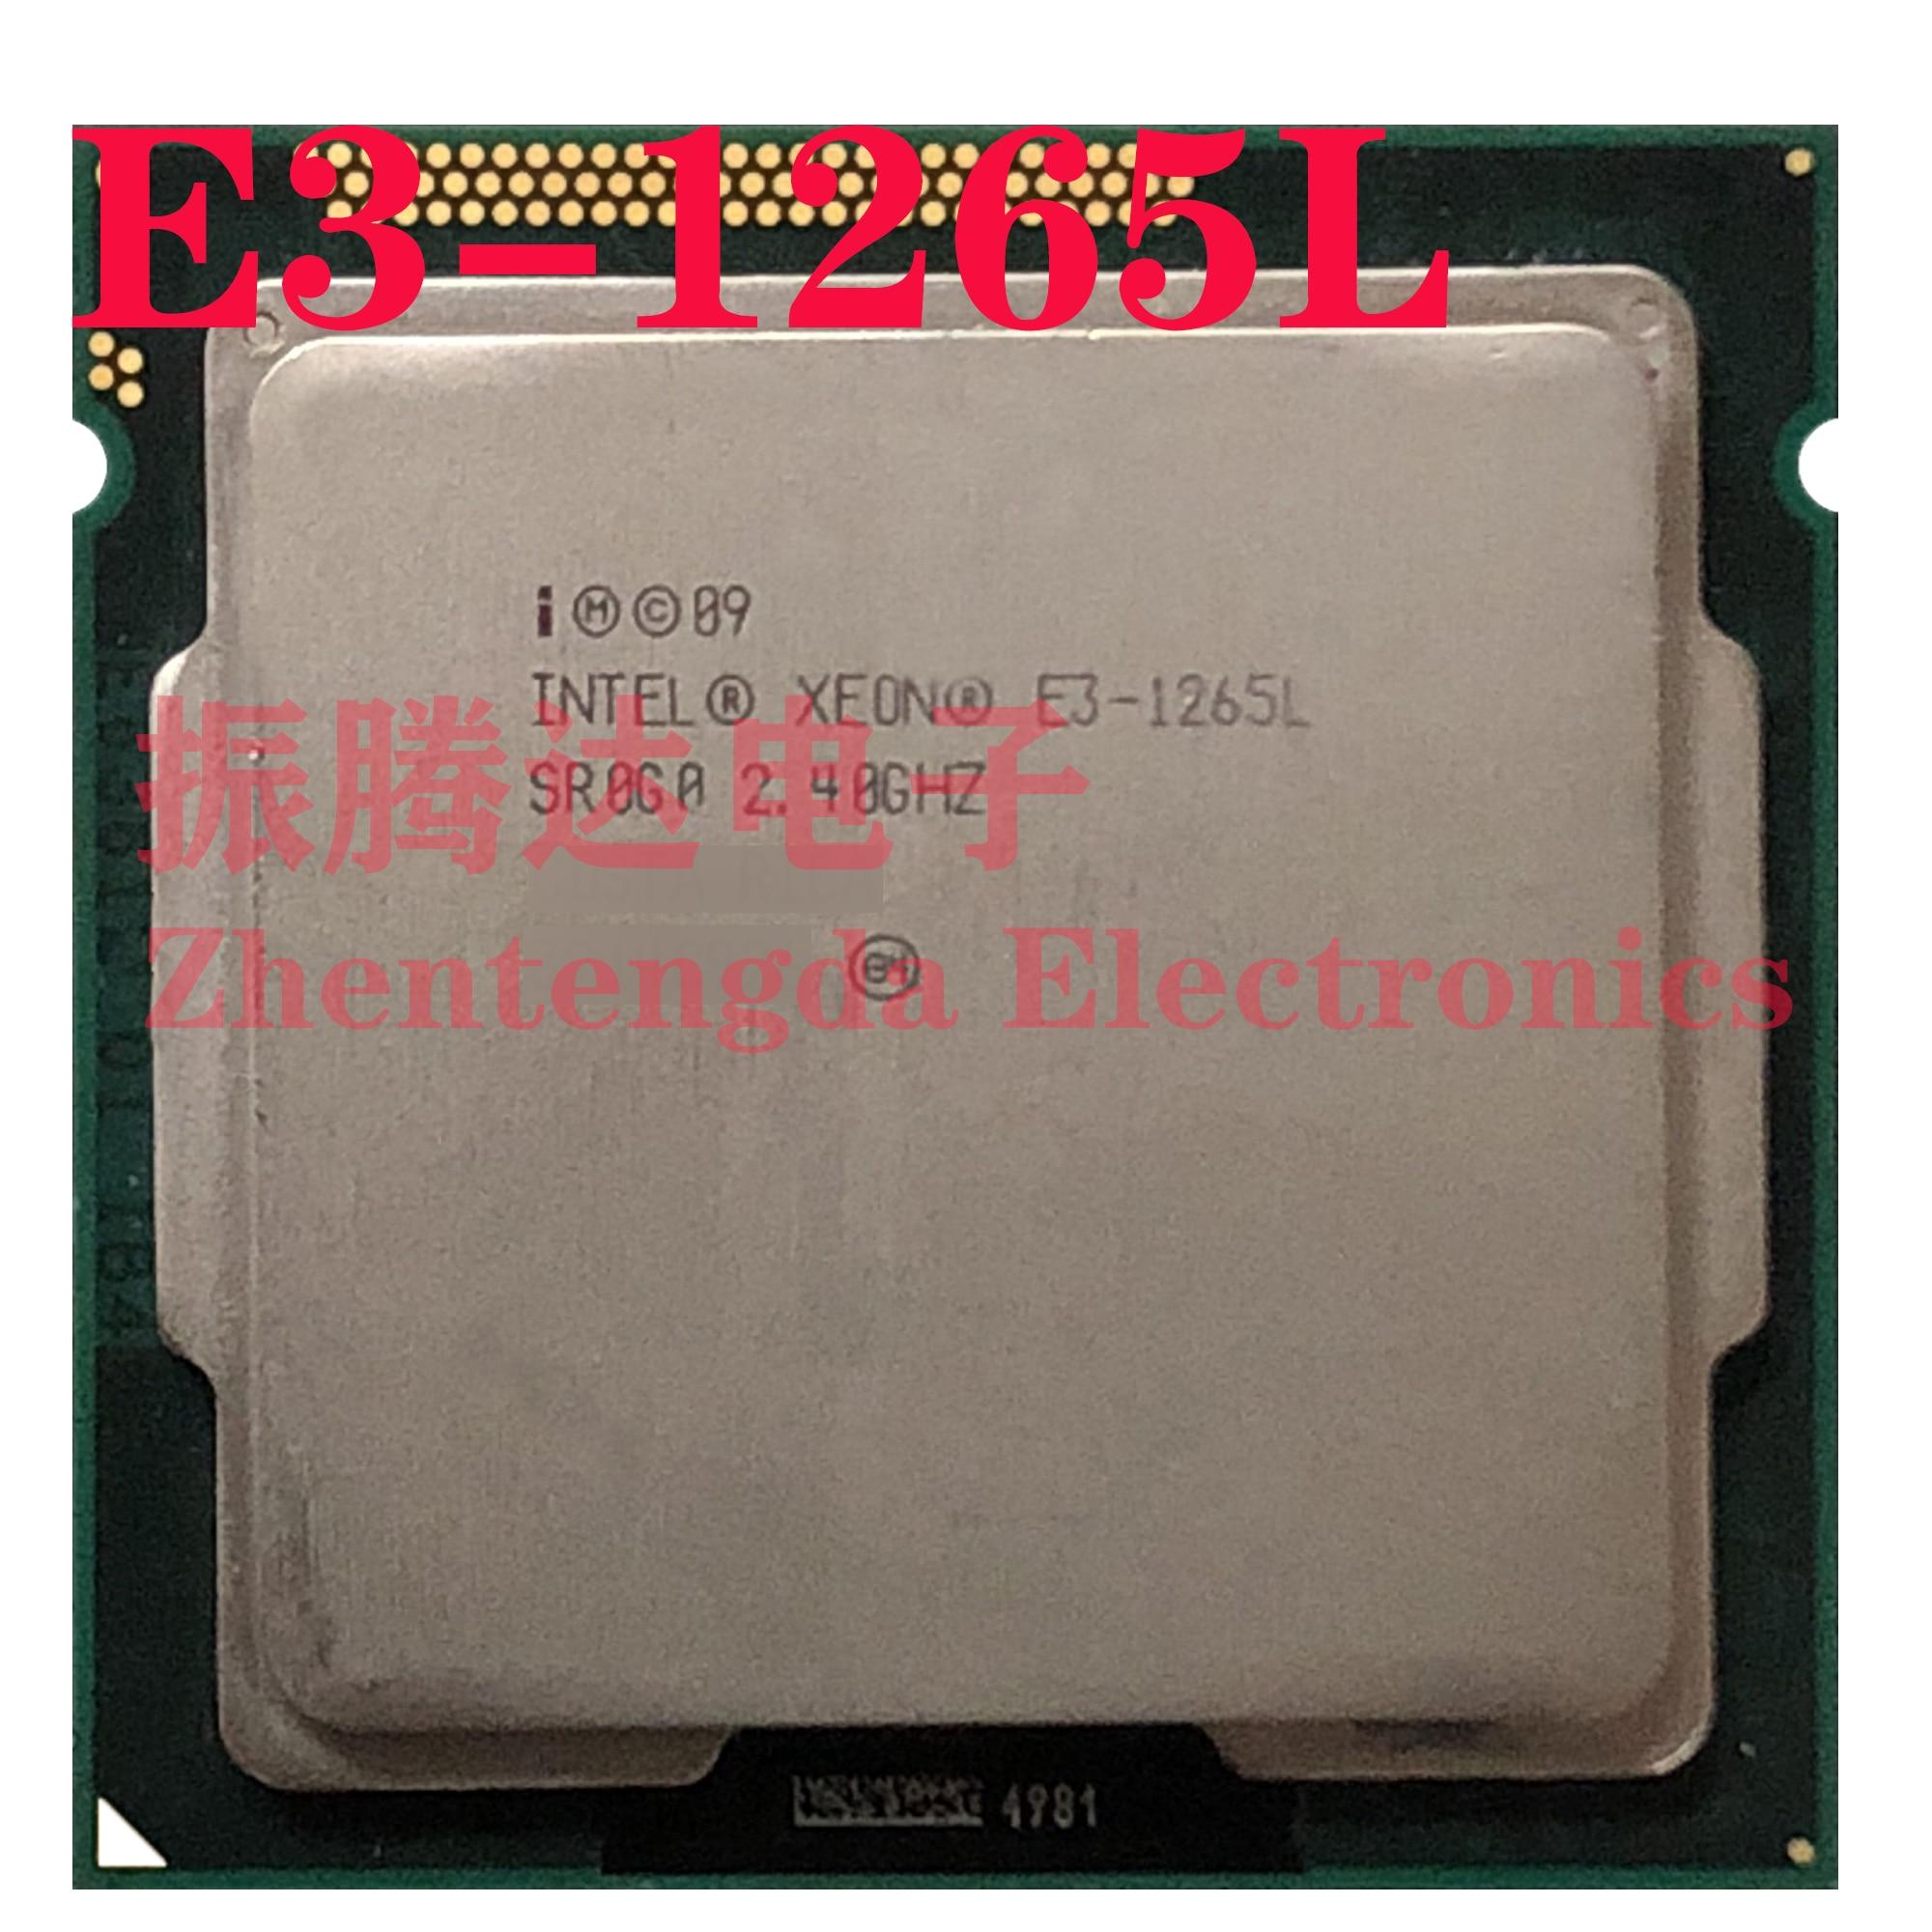 Intel Xeon E3-1265L 2.4GHz 8MB 4 Core 4 Thread LGA 1155 E3-1265L CPU Processor